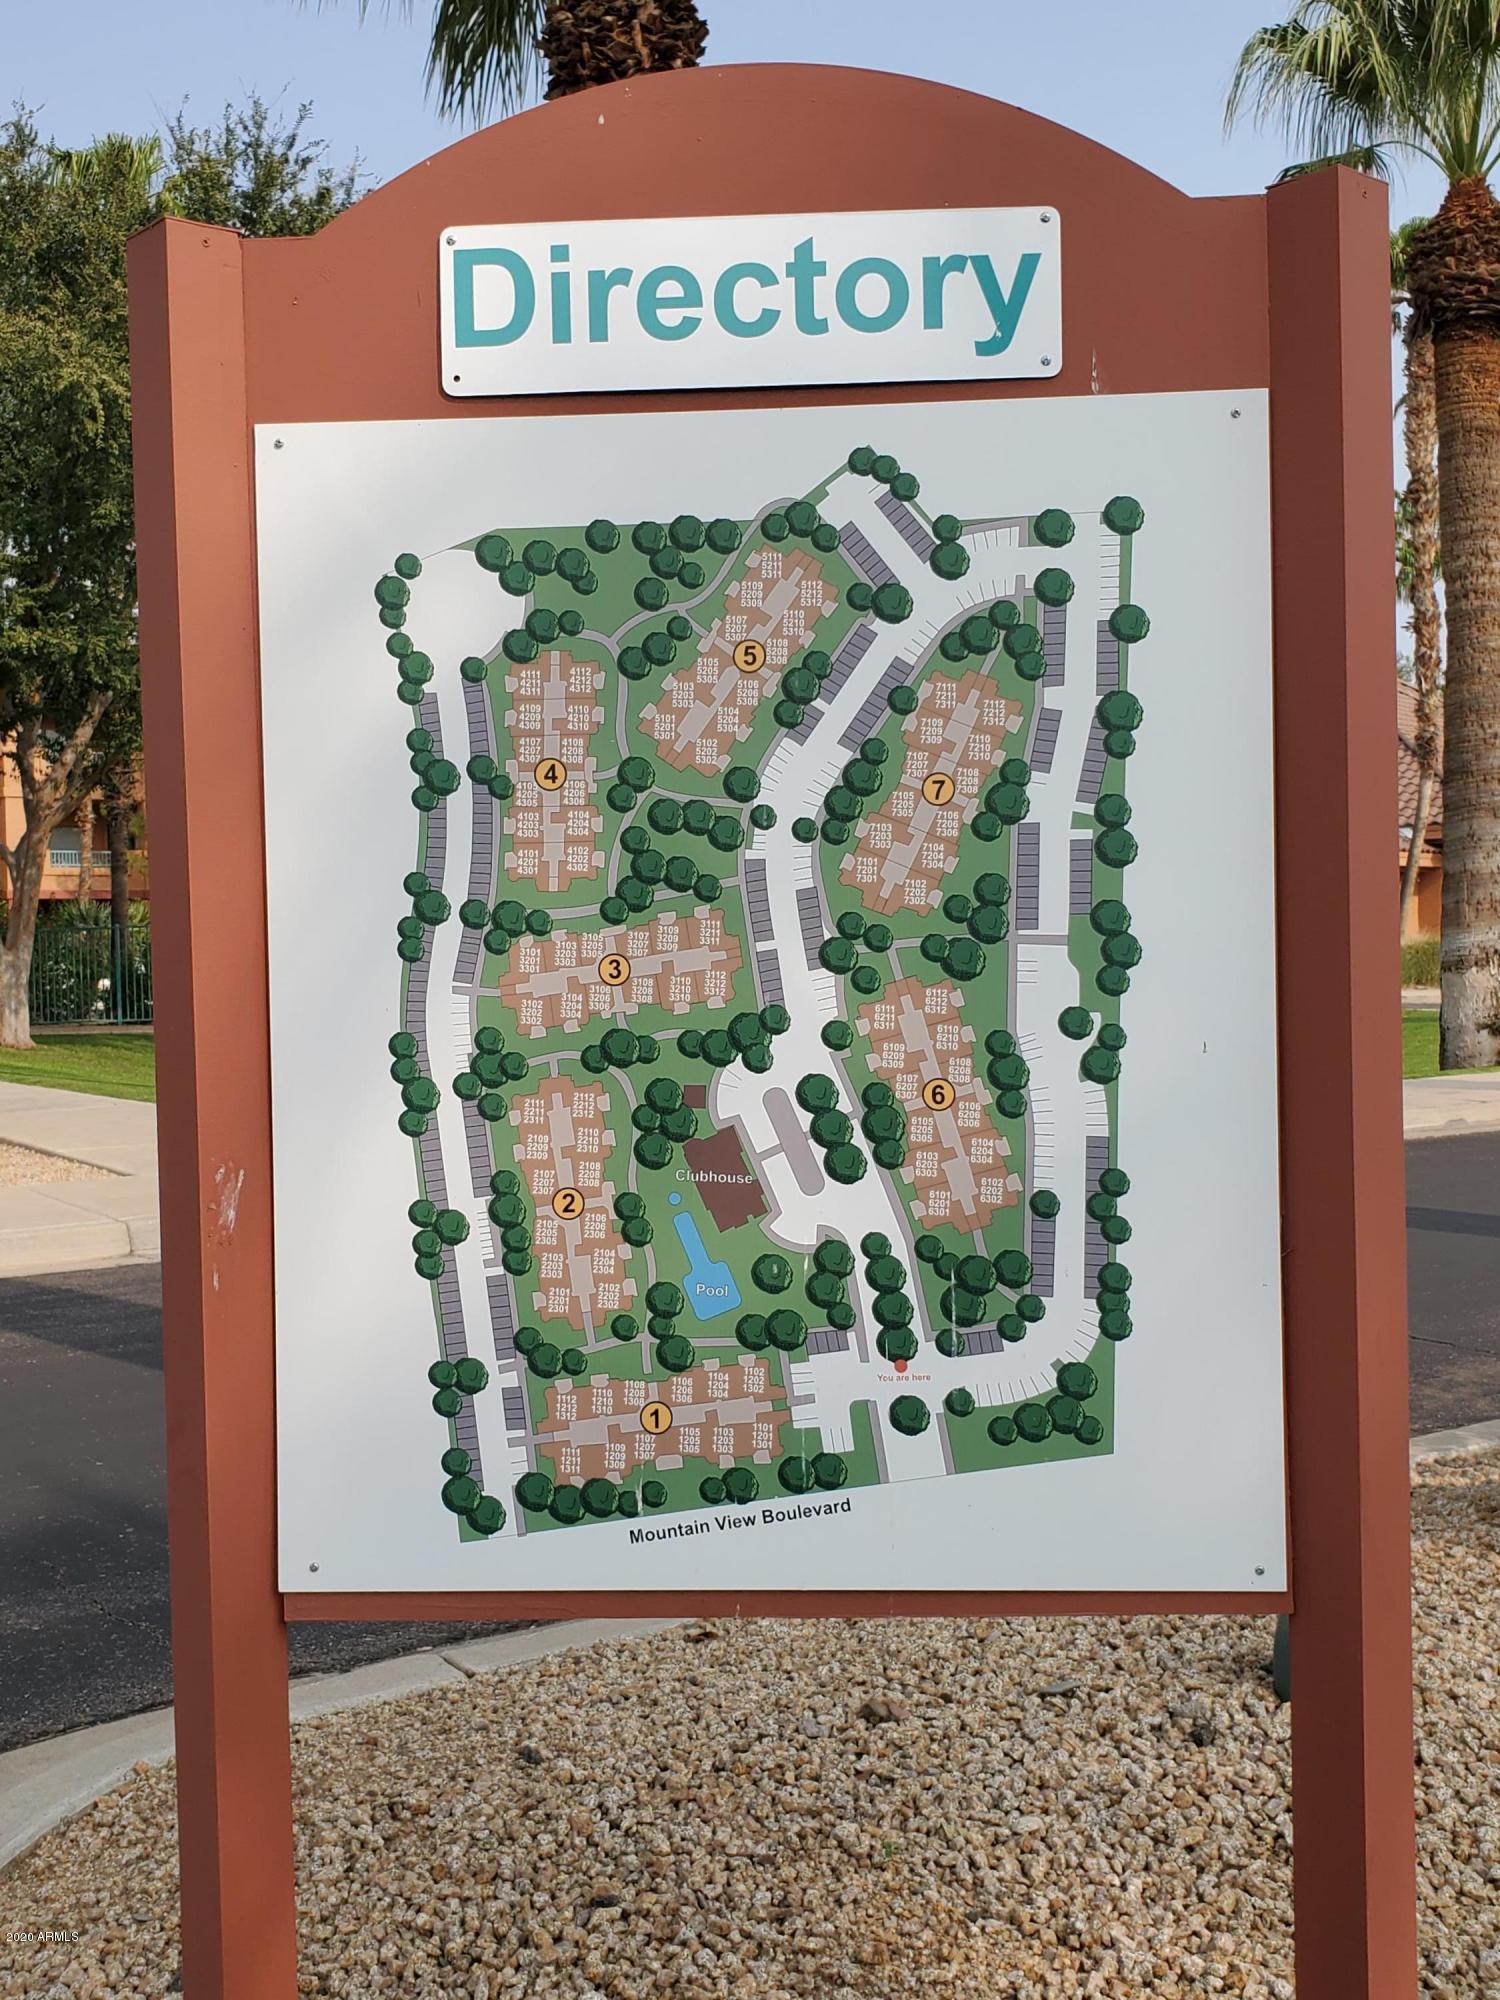 MLS 6131532 14950 W MOUNTAIN VIEW Boulevard Unit 2303, Surprise, AZ 85374 Surprise AZ Condo or Townhome